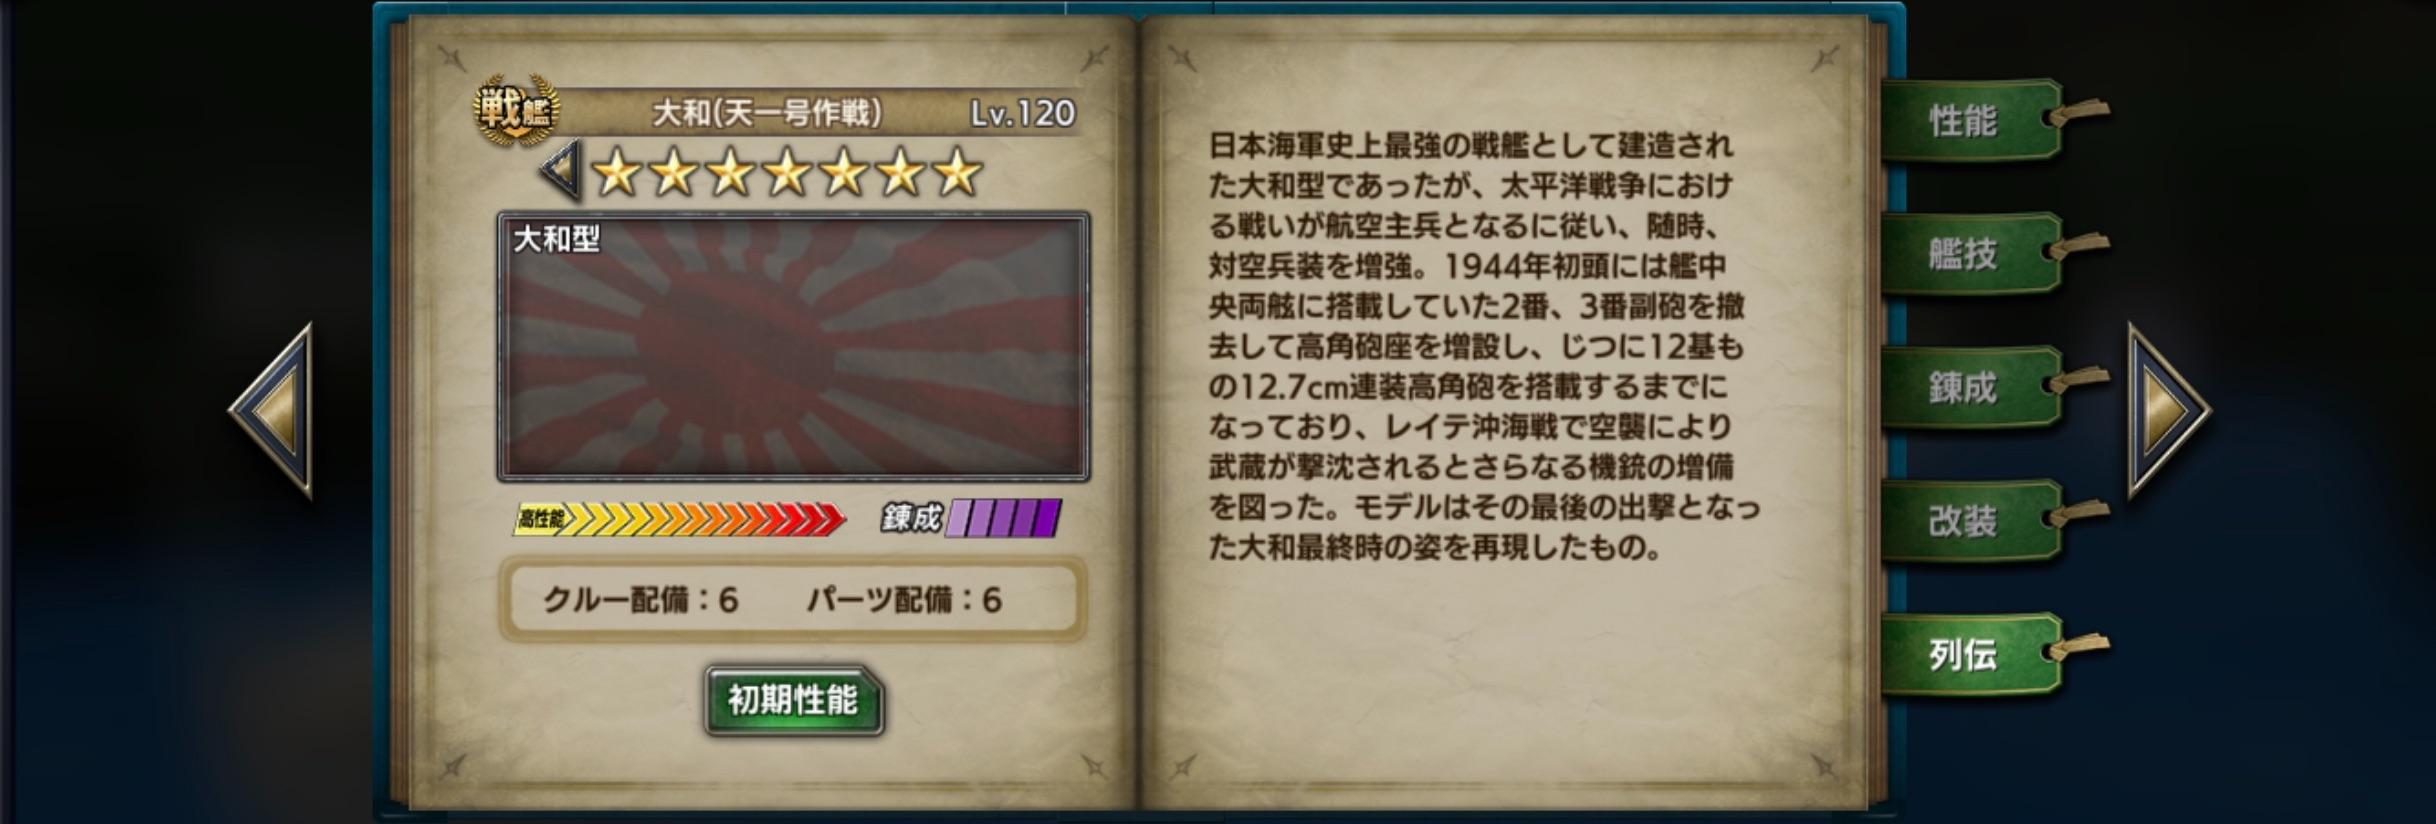 YamatoT-history